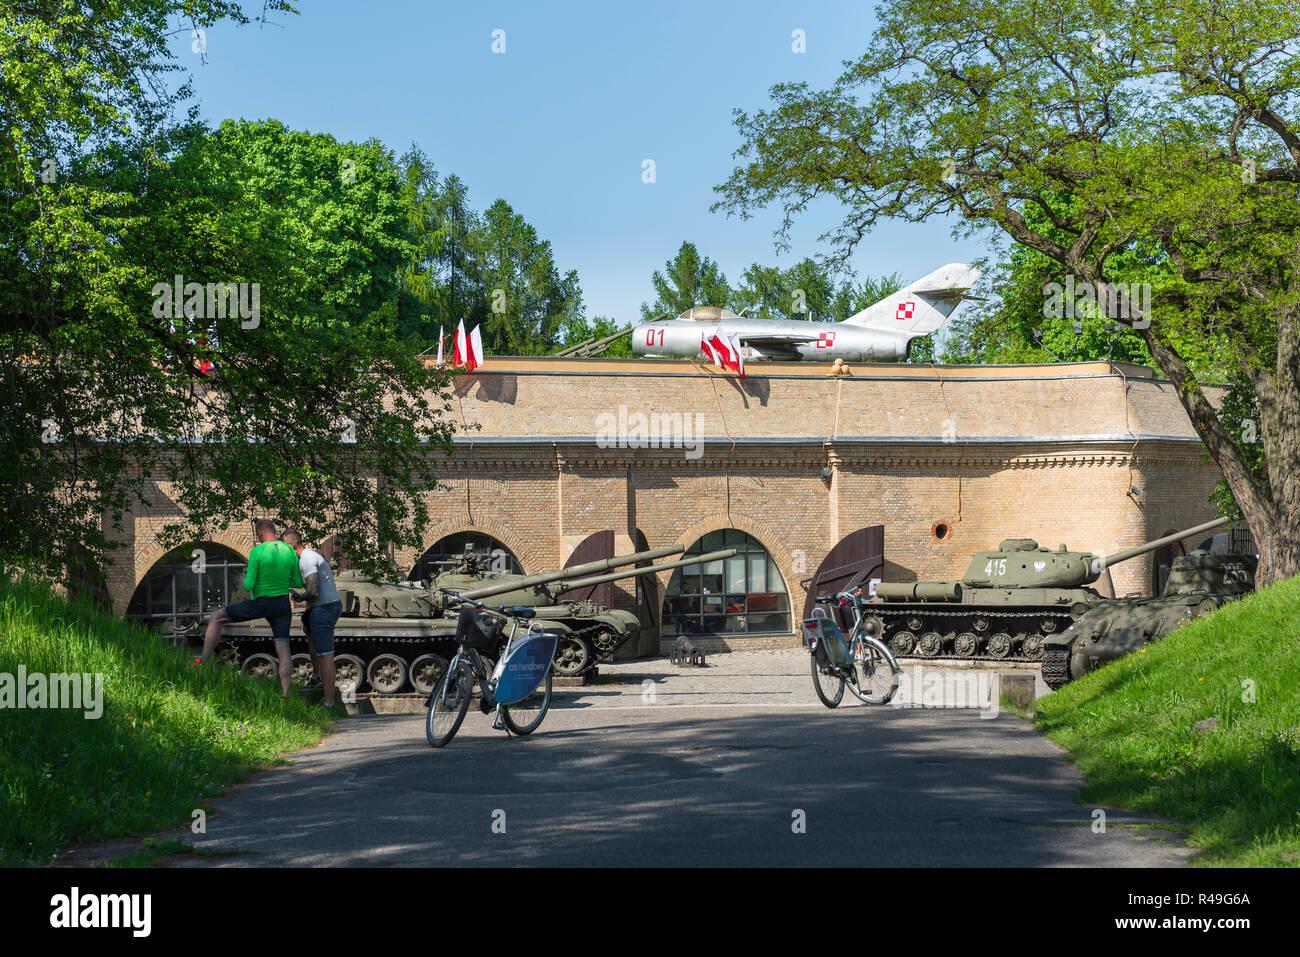 Polonia, Vista exterior del Museo de la guerra fría, tanques y aviones en exhibición en el Museo del Ejército en el Parque de la Ciudadela, en la ciudad de Poznan, Polonia. Imagen De Stock